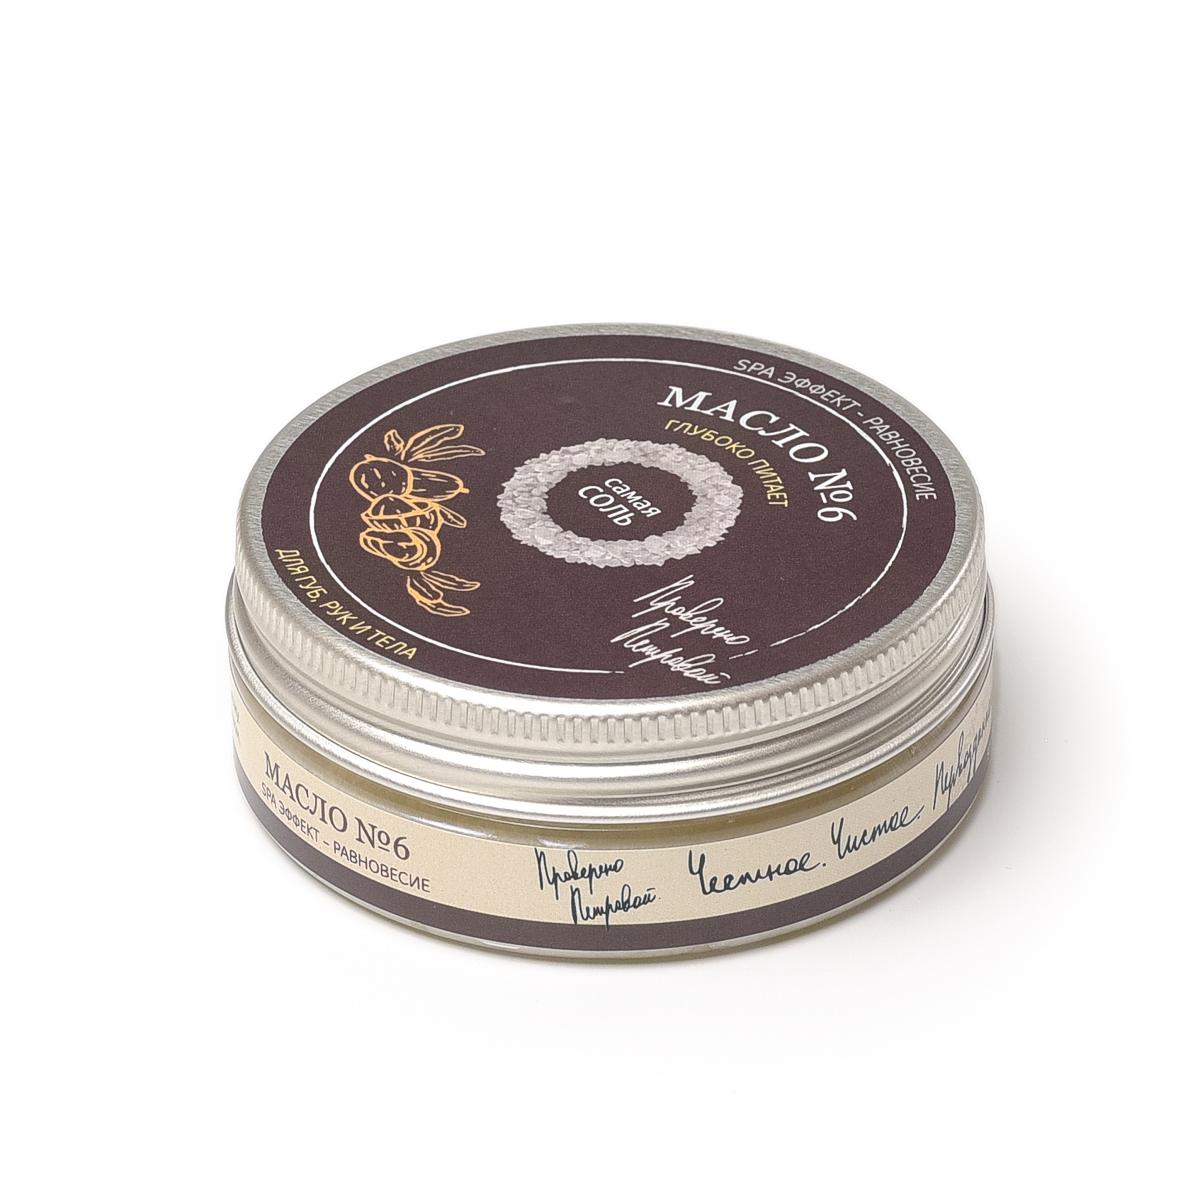 Масло №6 для питания кожи, нерафинированное, ручное производство